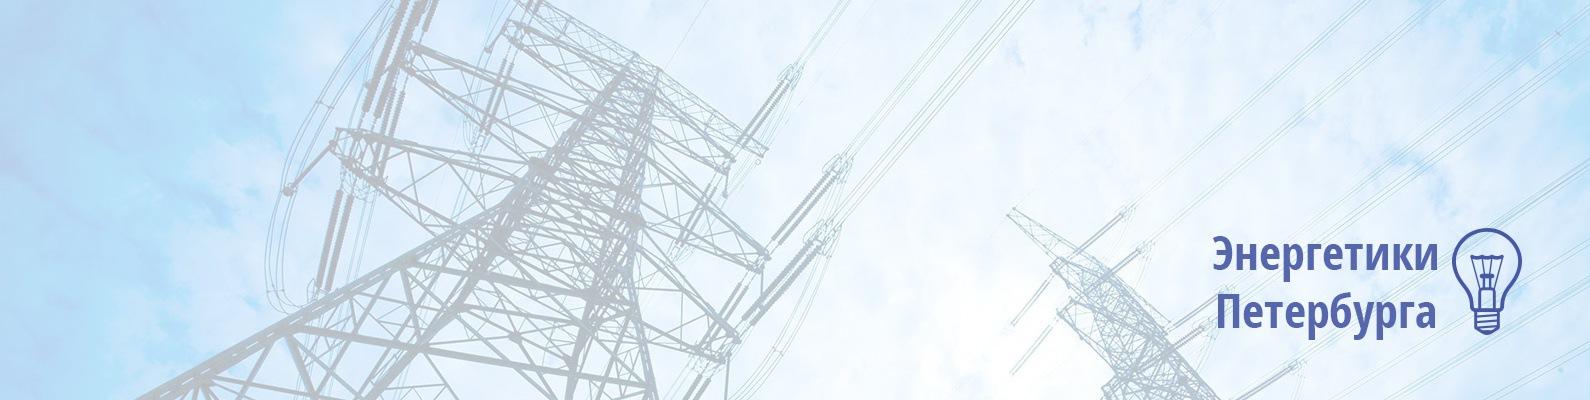 Ссылки на сайты по электрическим сетям поведенческие факторы для вывода в топ Чертаново Южное